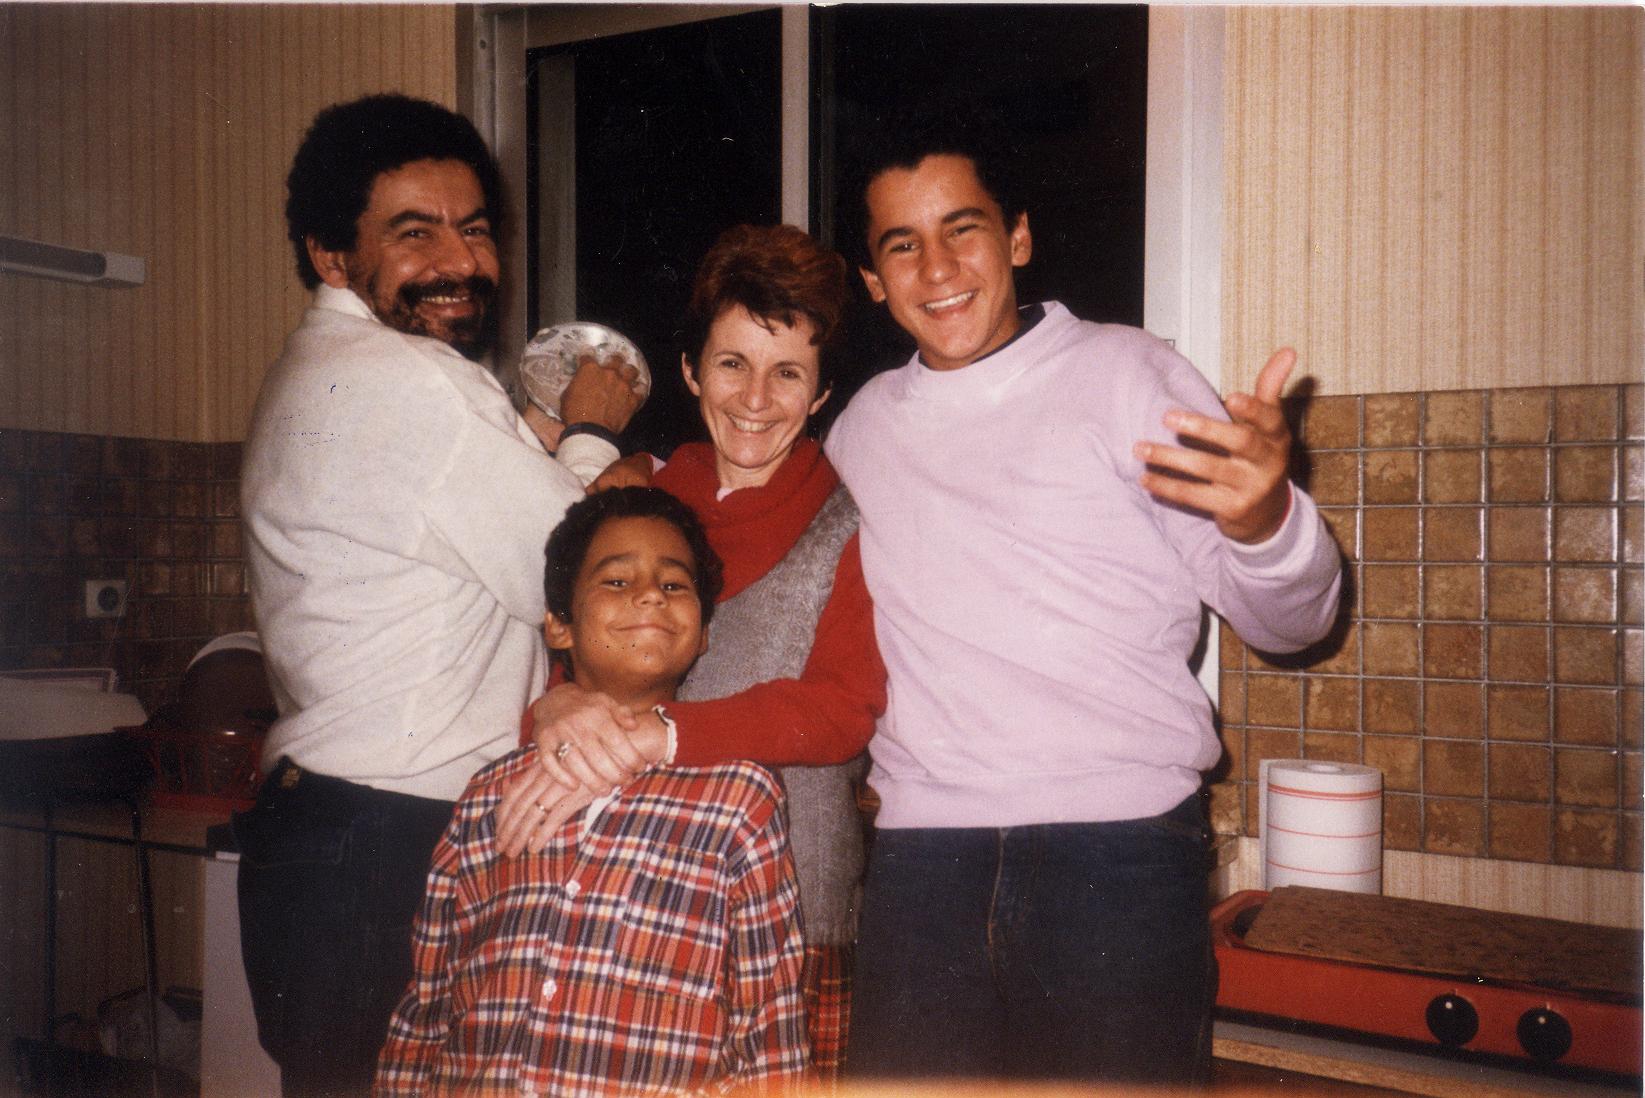 Temporada do pós-doutorado em Paris, com sua família: sua esposa, Yara, e dois de seus filhos, Daniel e Pedro. O terceiro, Ernesto, está atrás da câmera. Arquivo pessoal